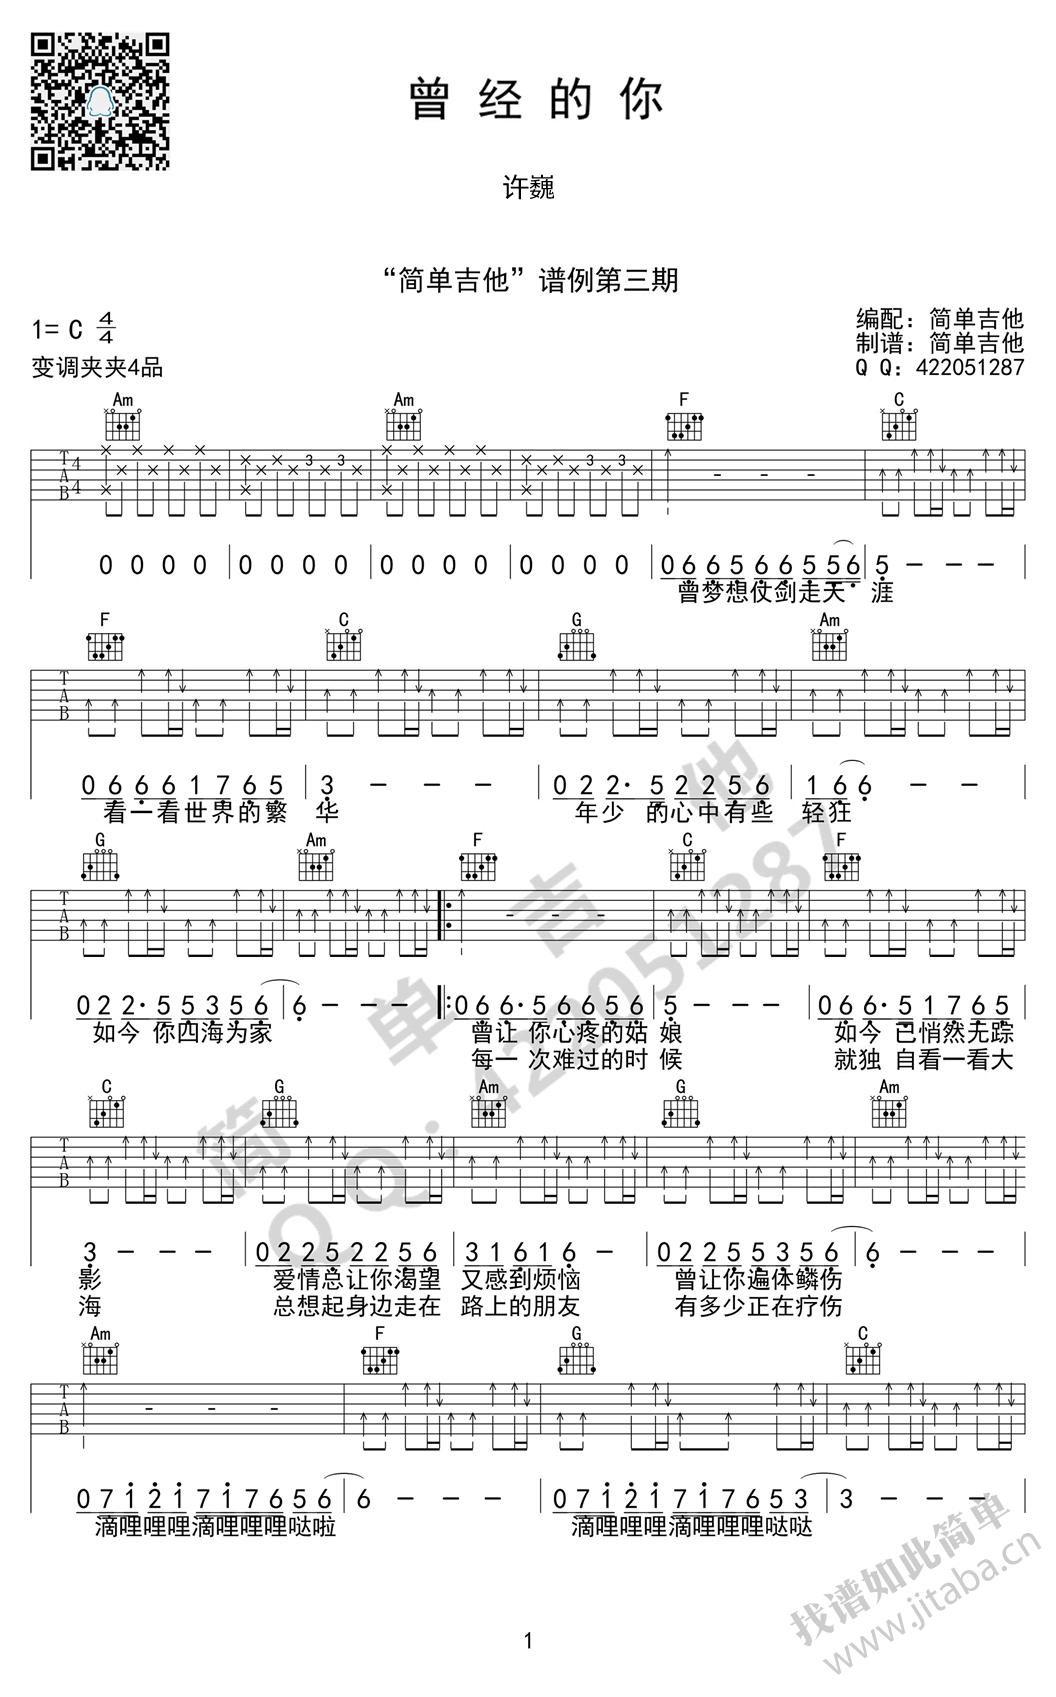 《曾经的你吉他谱_许巍_c调弹唱(图片谱高清版)》吉他图片